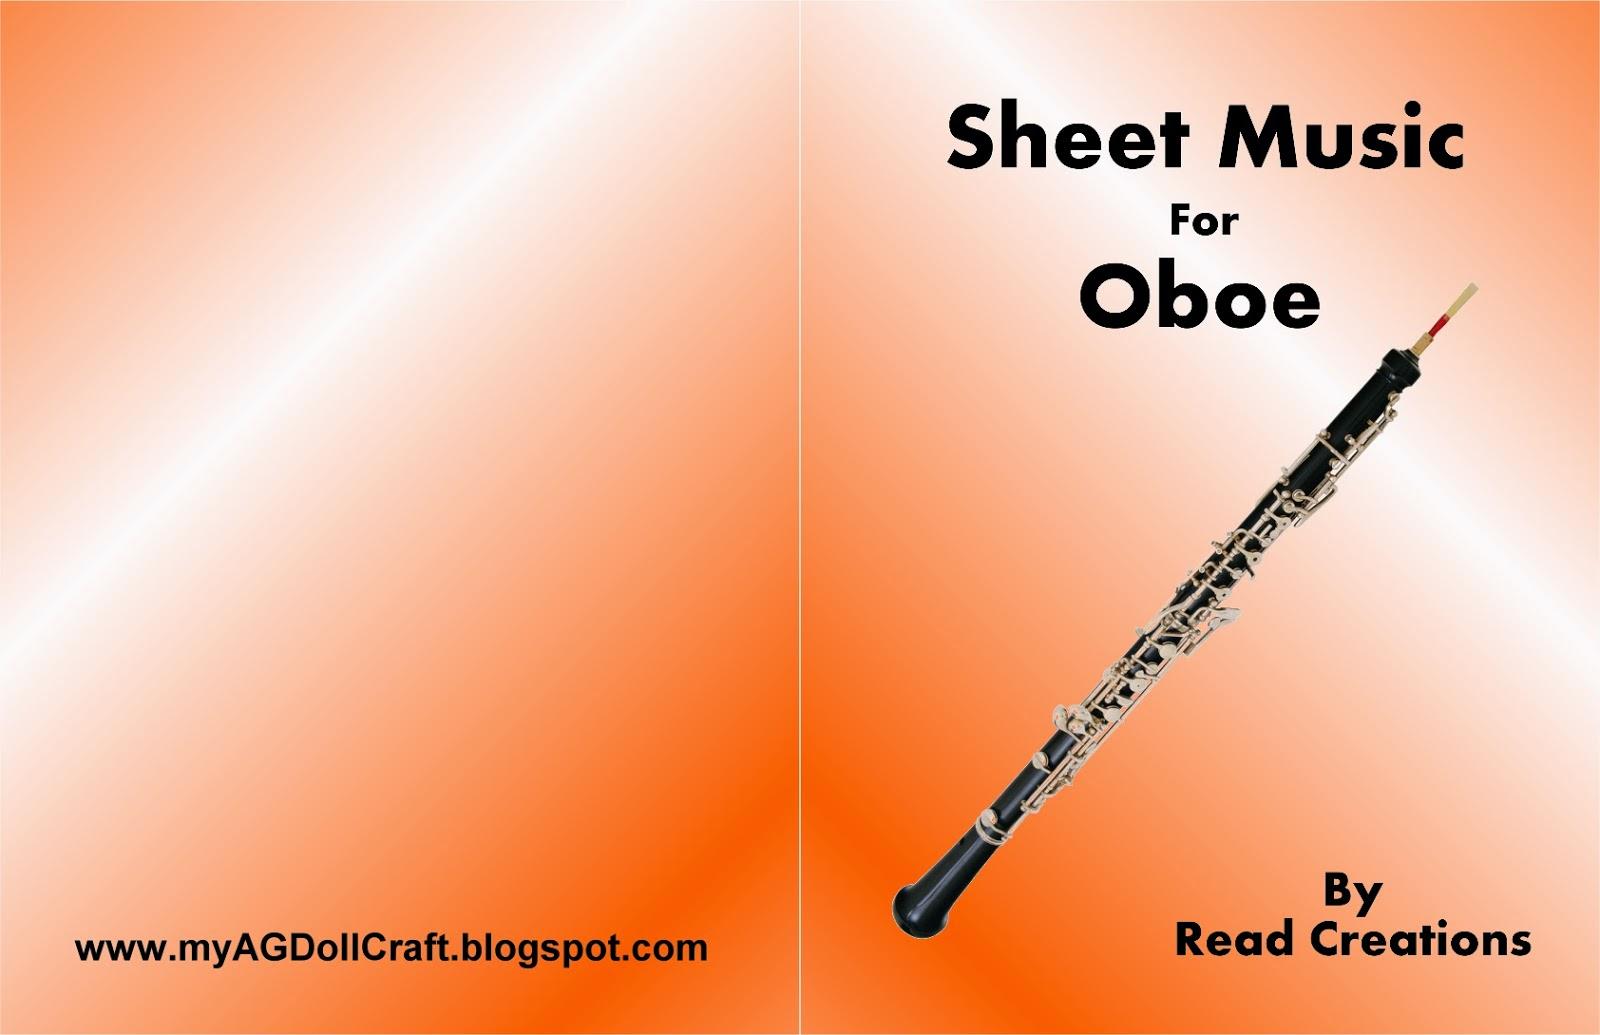 Oboe book cover